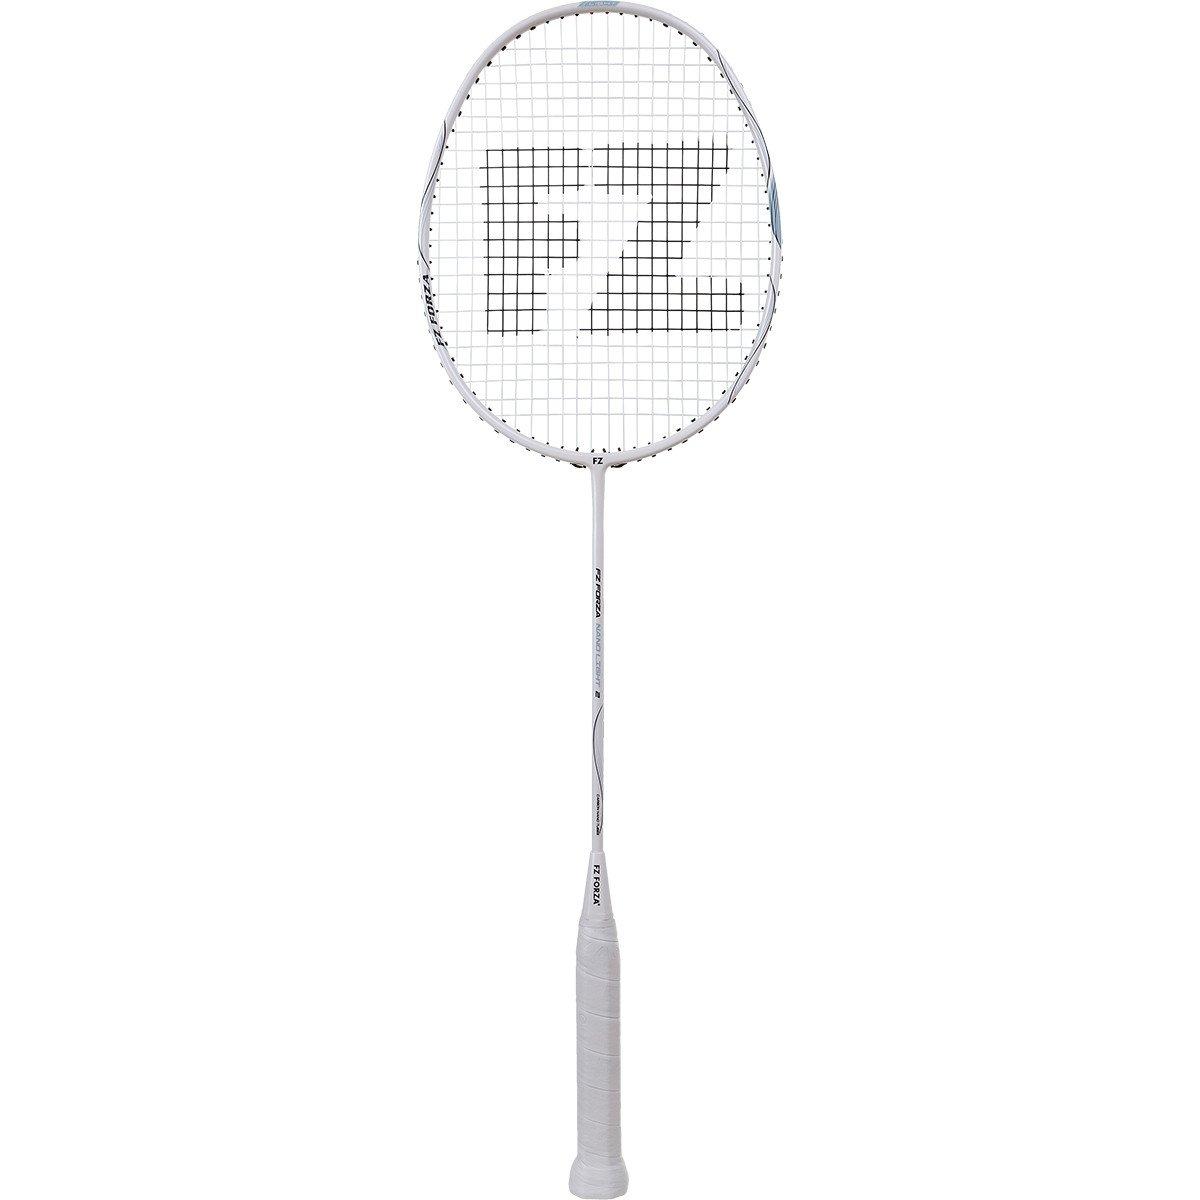 FZ FORZA Nano Light 2 Badmintonketcher